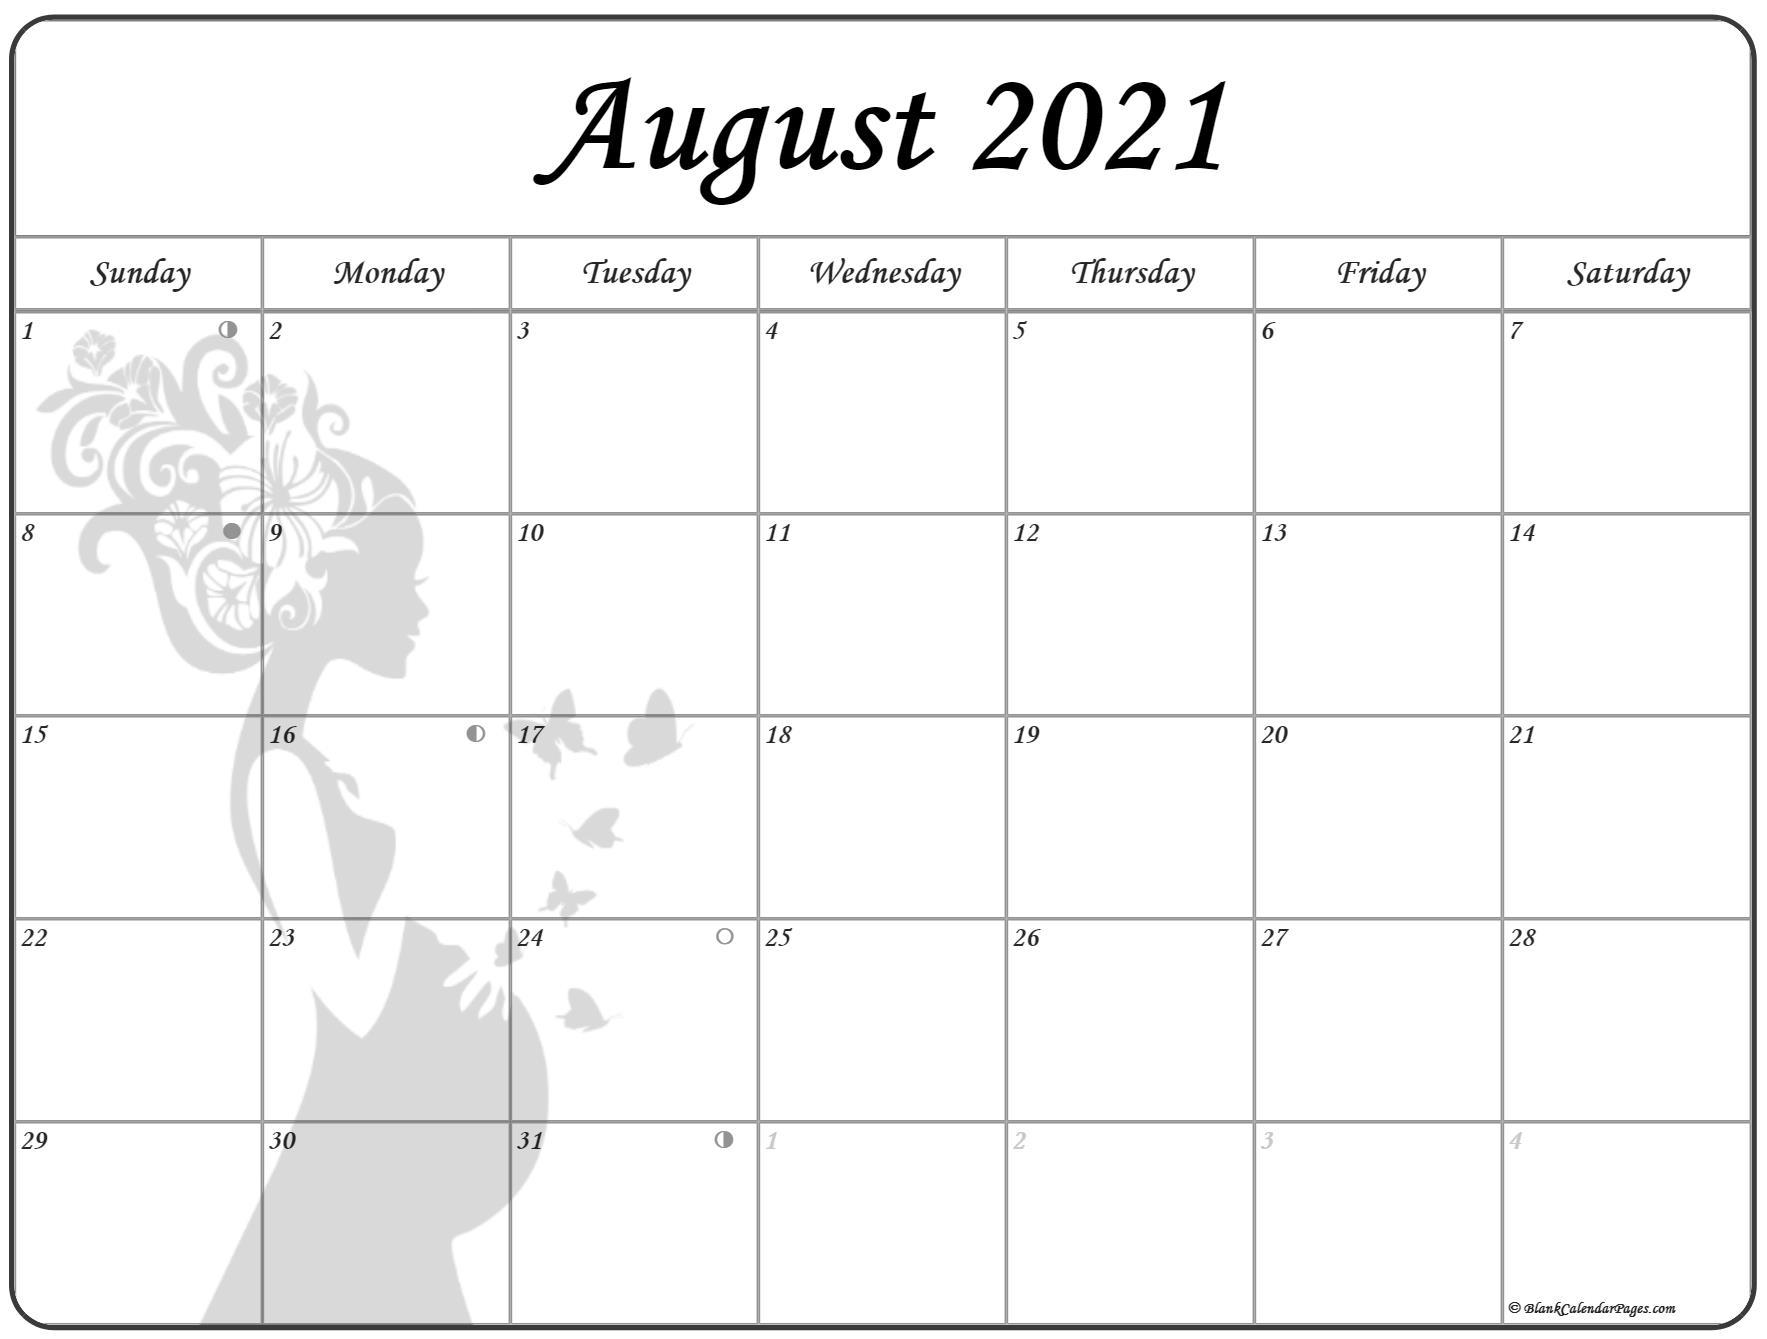 August 2021 Pregnancy Calendar Fertility Calendar